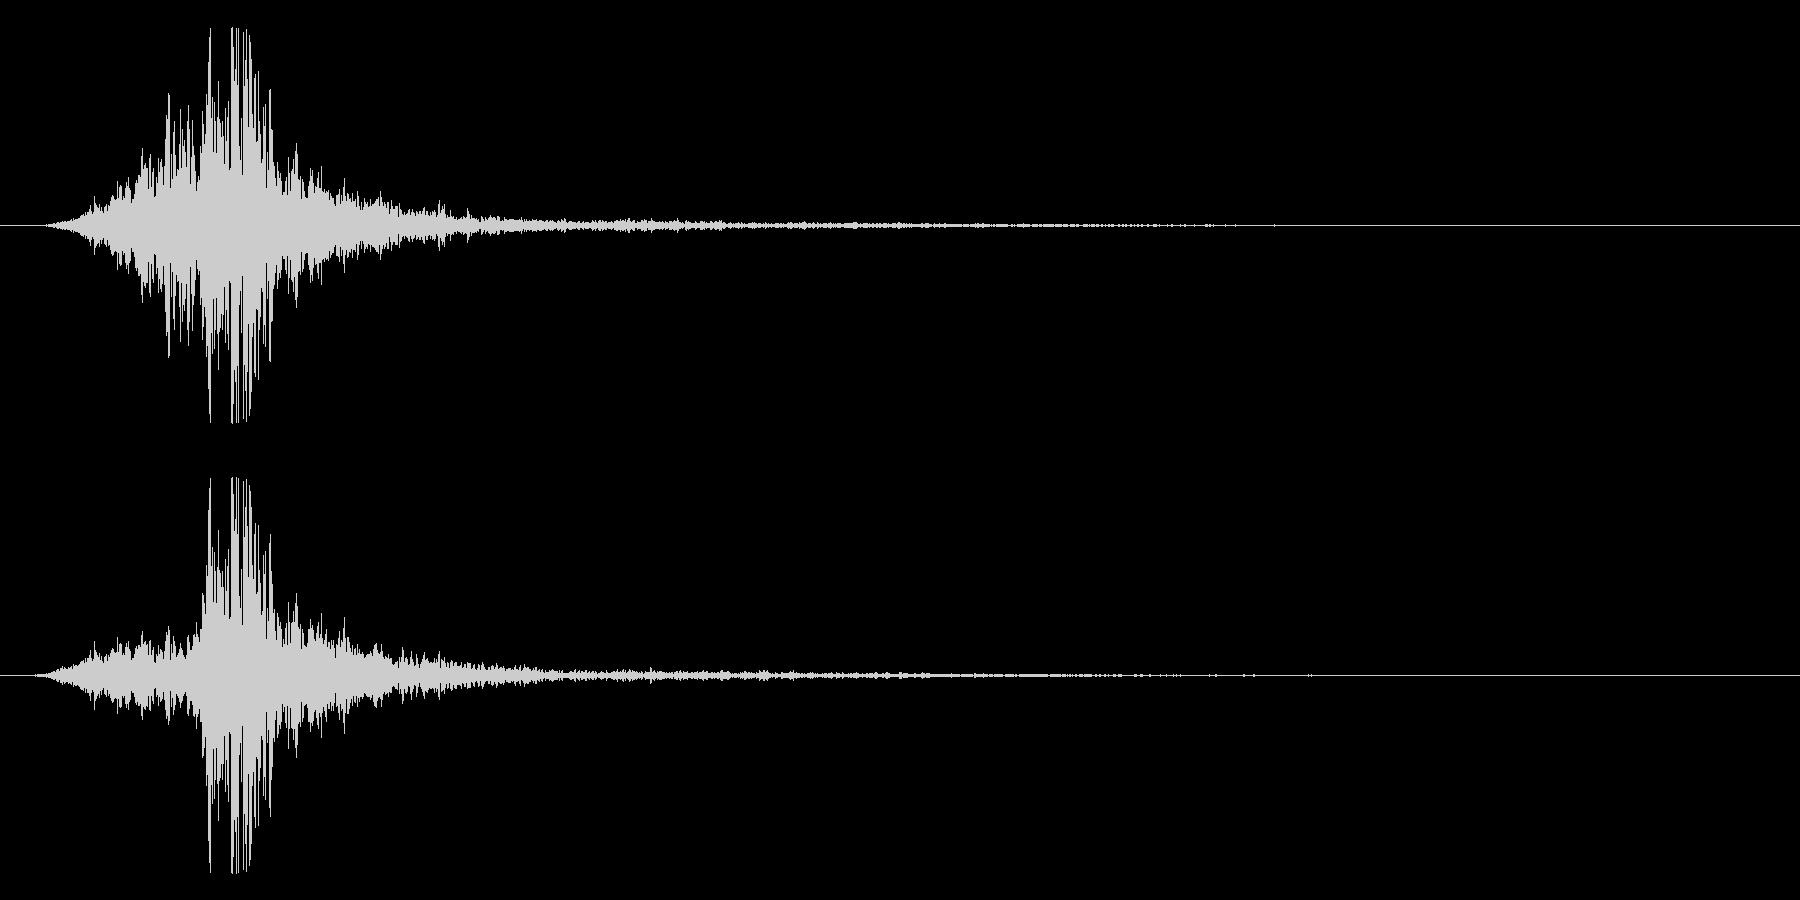 マントをバサッとする音1 ステレオ感の未再生の波形